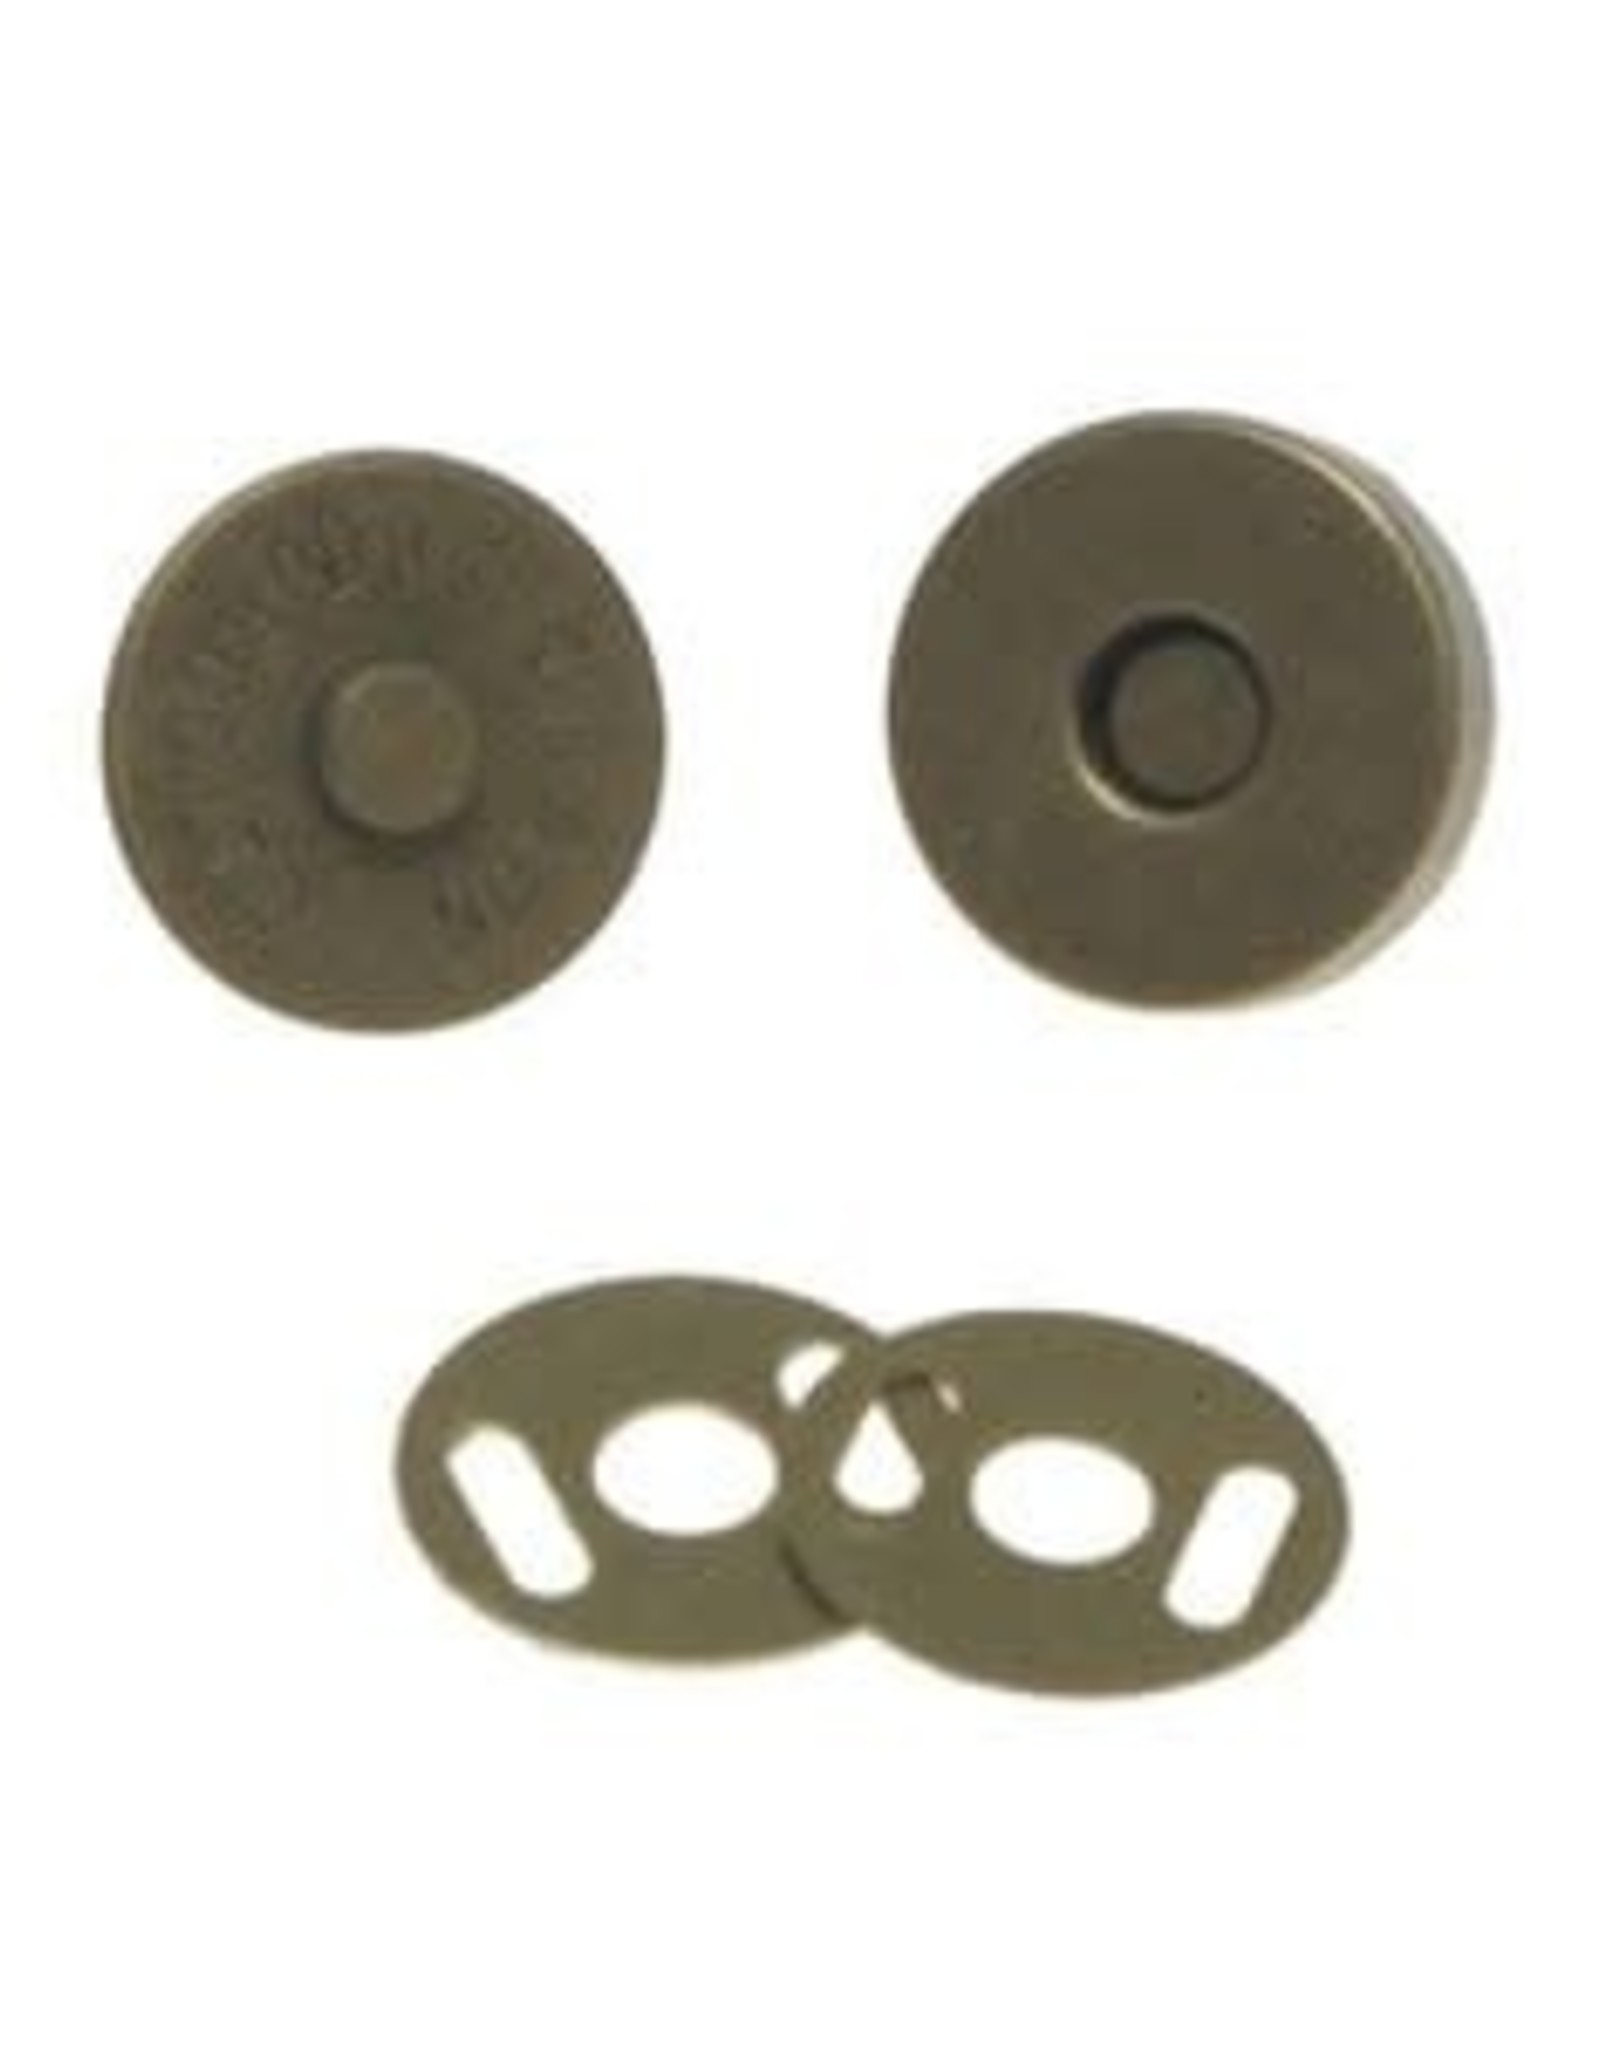 Magneetsluiting 14mm - Brons